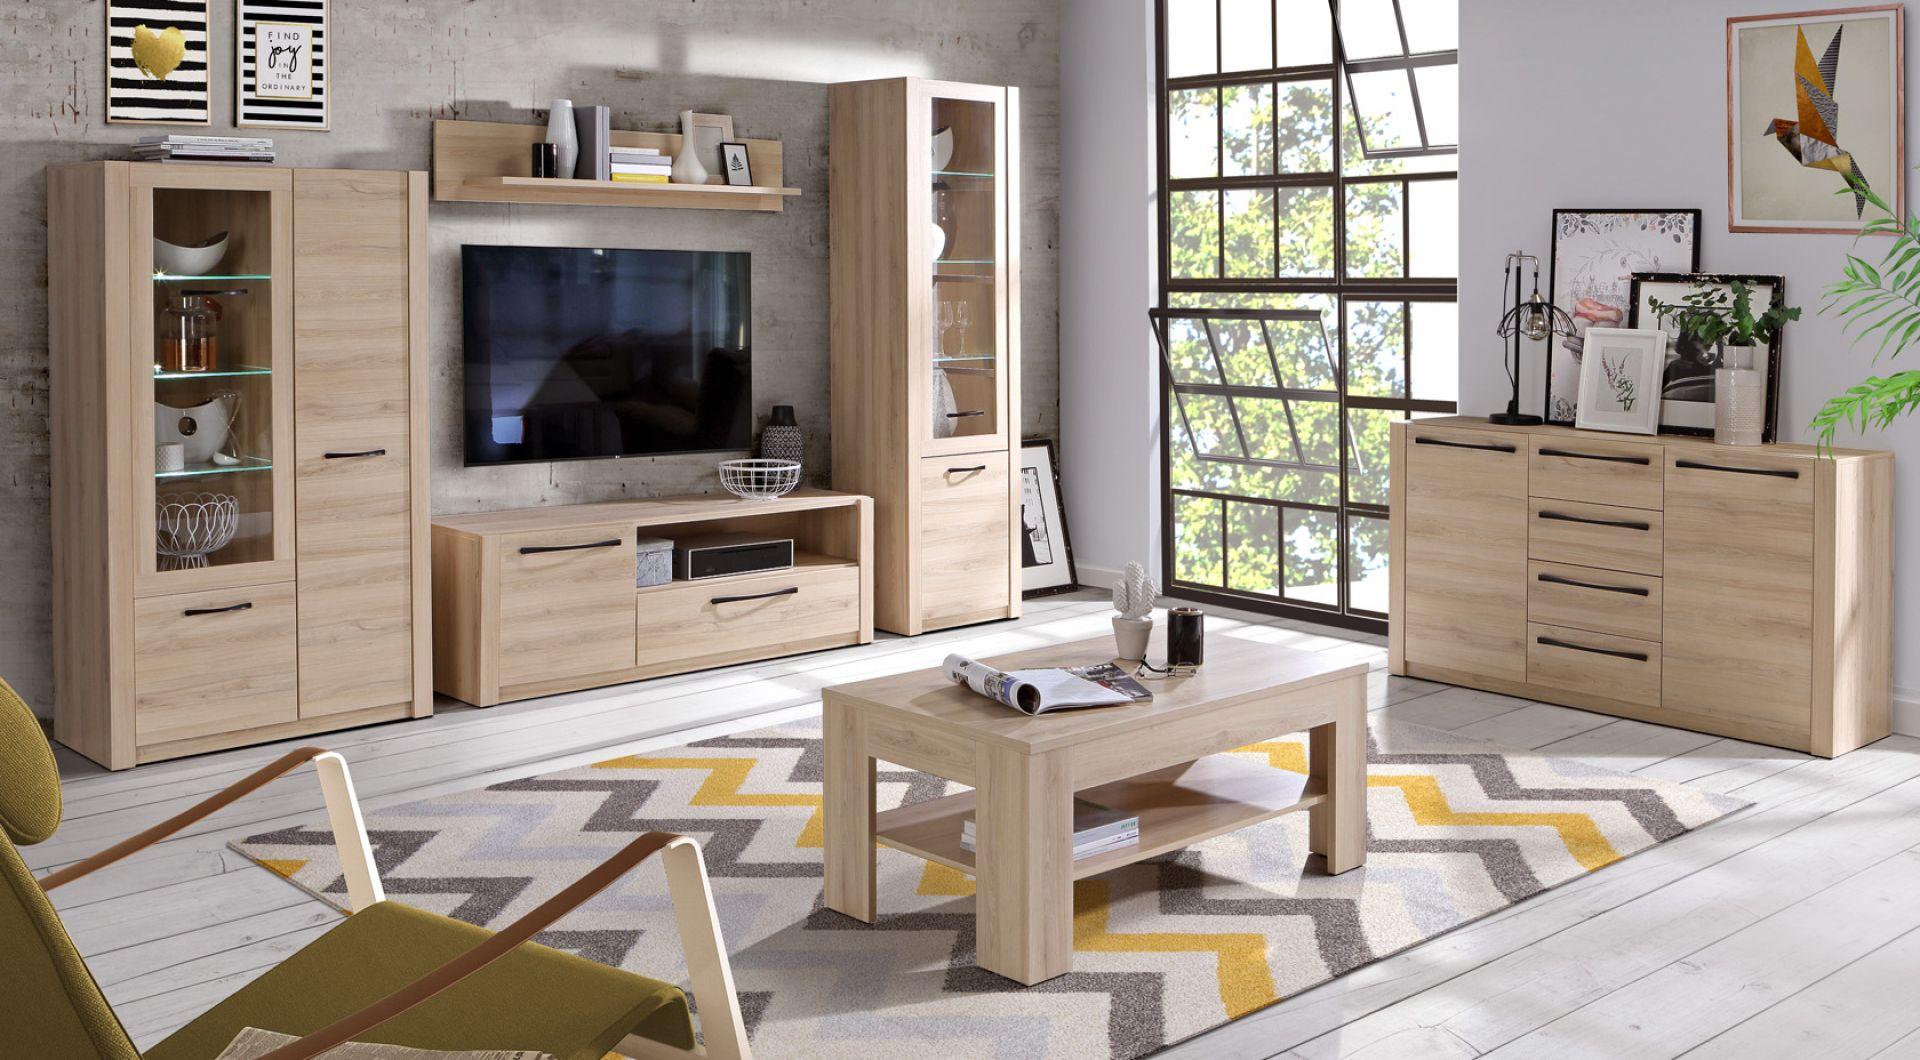 Meble do salonu w kolorze drewna z kolekcji Maximus 14. Dostępne w ofercie firmy Meble Forte. Fot. Meble Forte